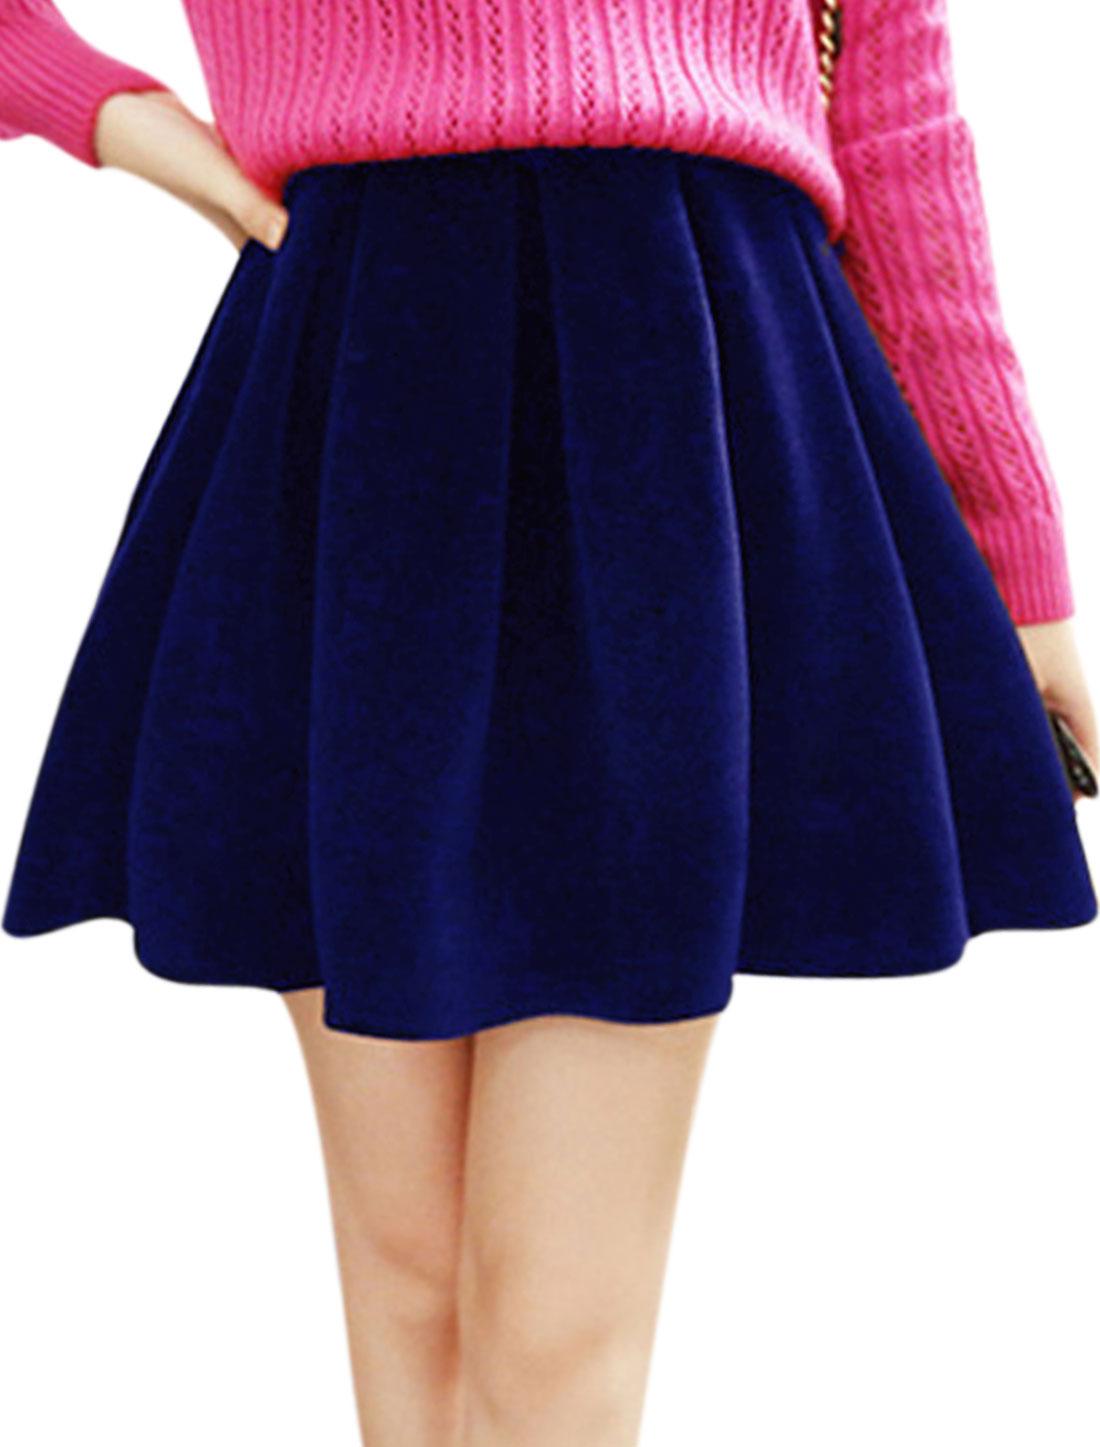 High Waist Pleated Fashion Velvet Skirt for Women Royal Blue S